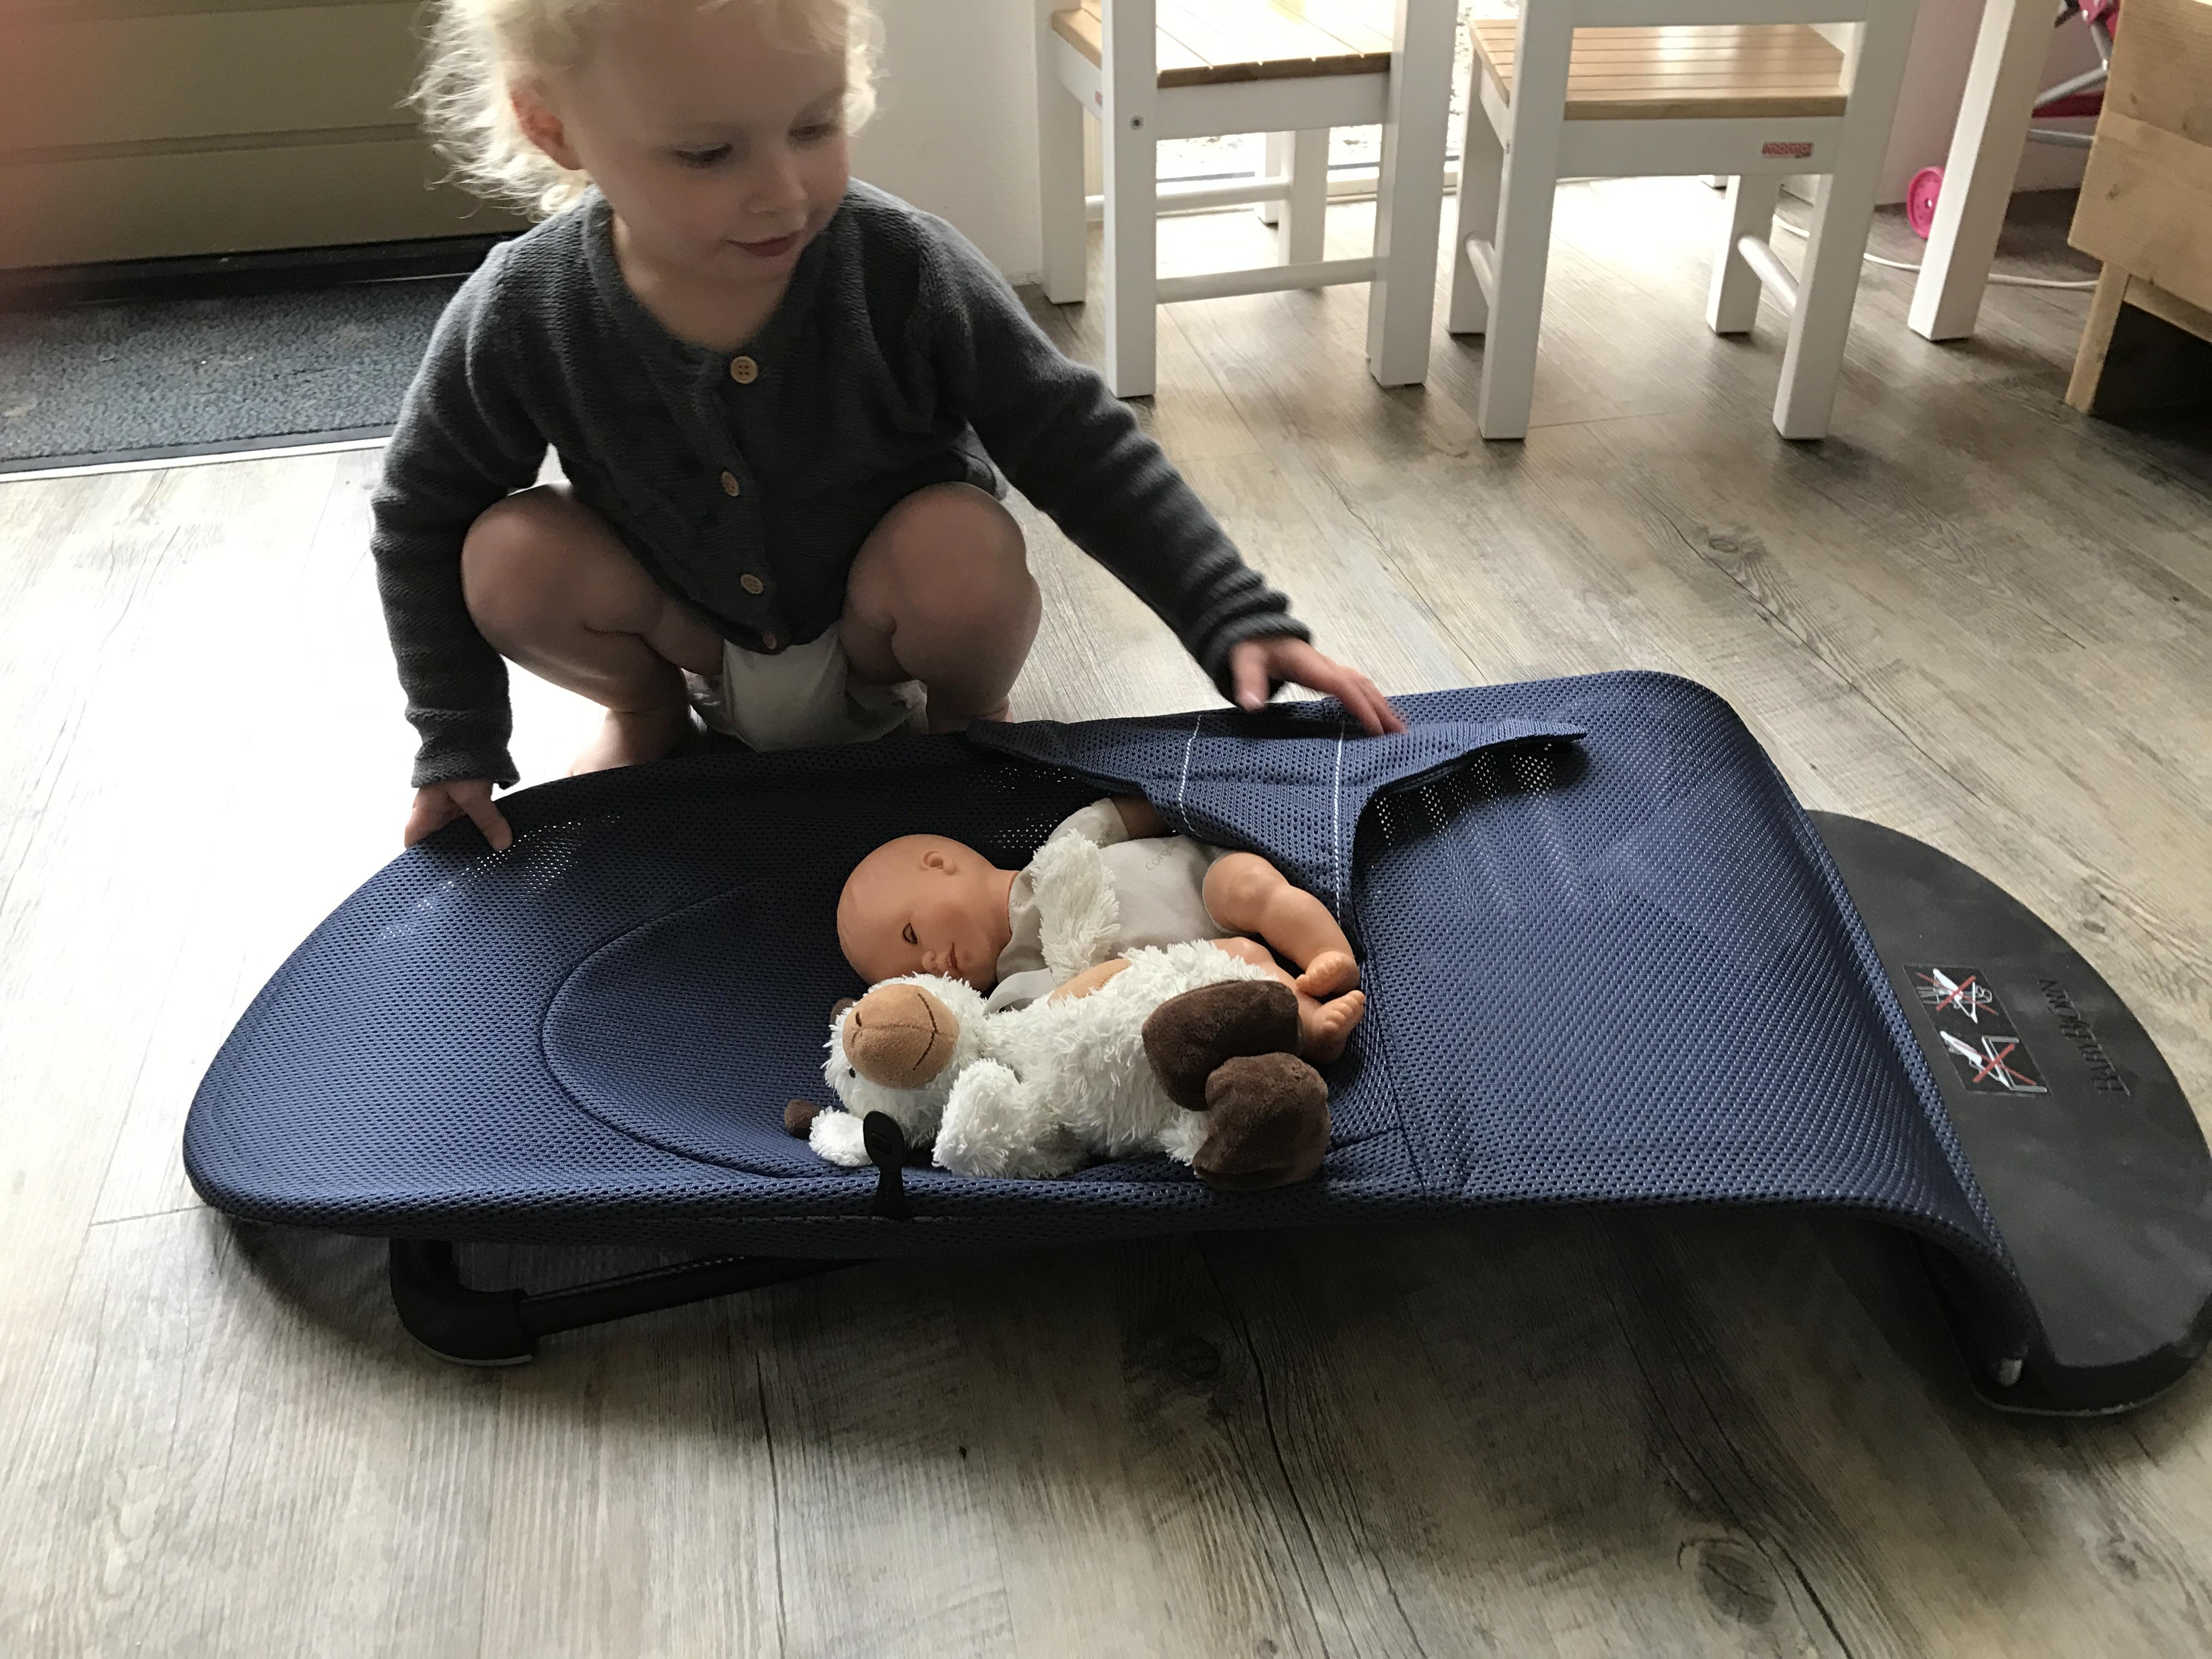 10-17-baby-bjorn-wipstoel-wipstoeltje-ergonomisch-verantwoord-rug-nek-zelf-schommelen-natuurlijk-baby-kind-newborn-twee-jaar-nanny-mama-moeder-blog-tip-ervaring-review-plat